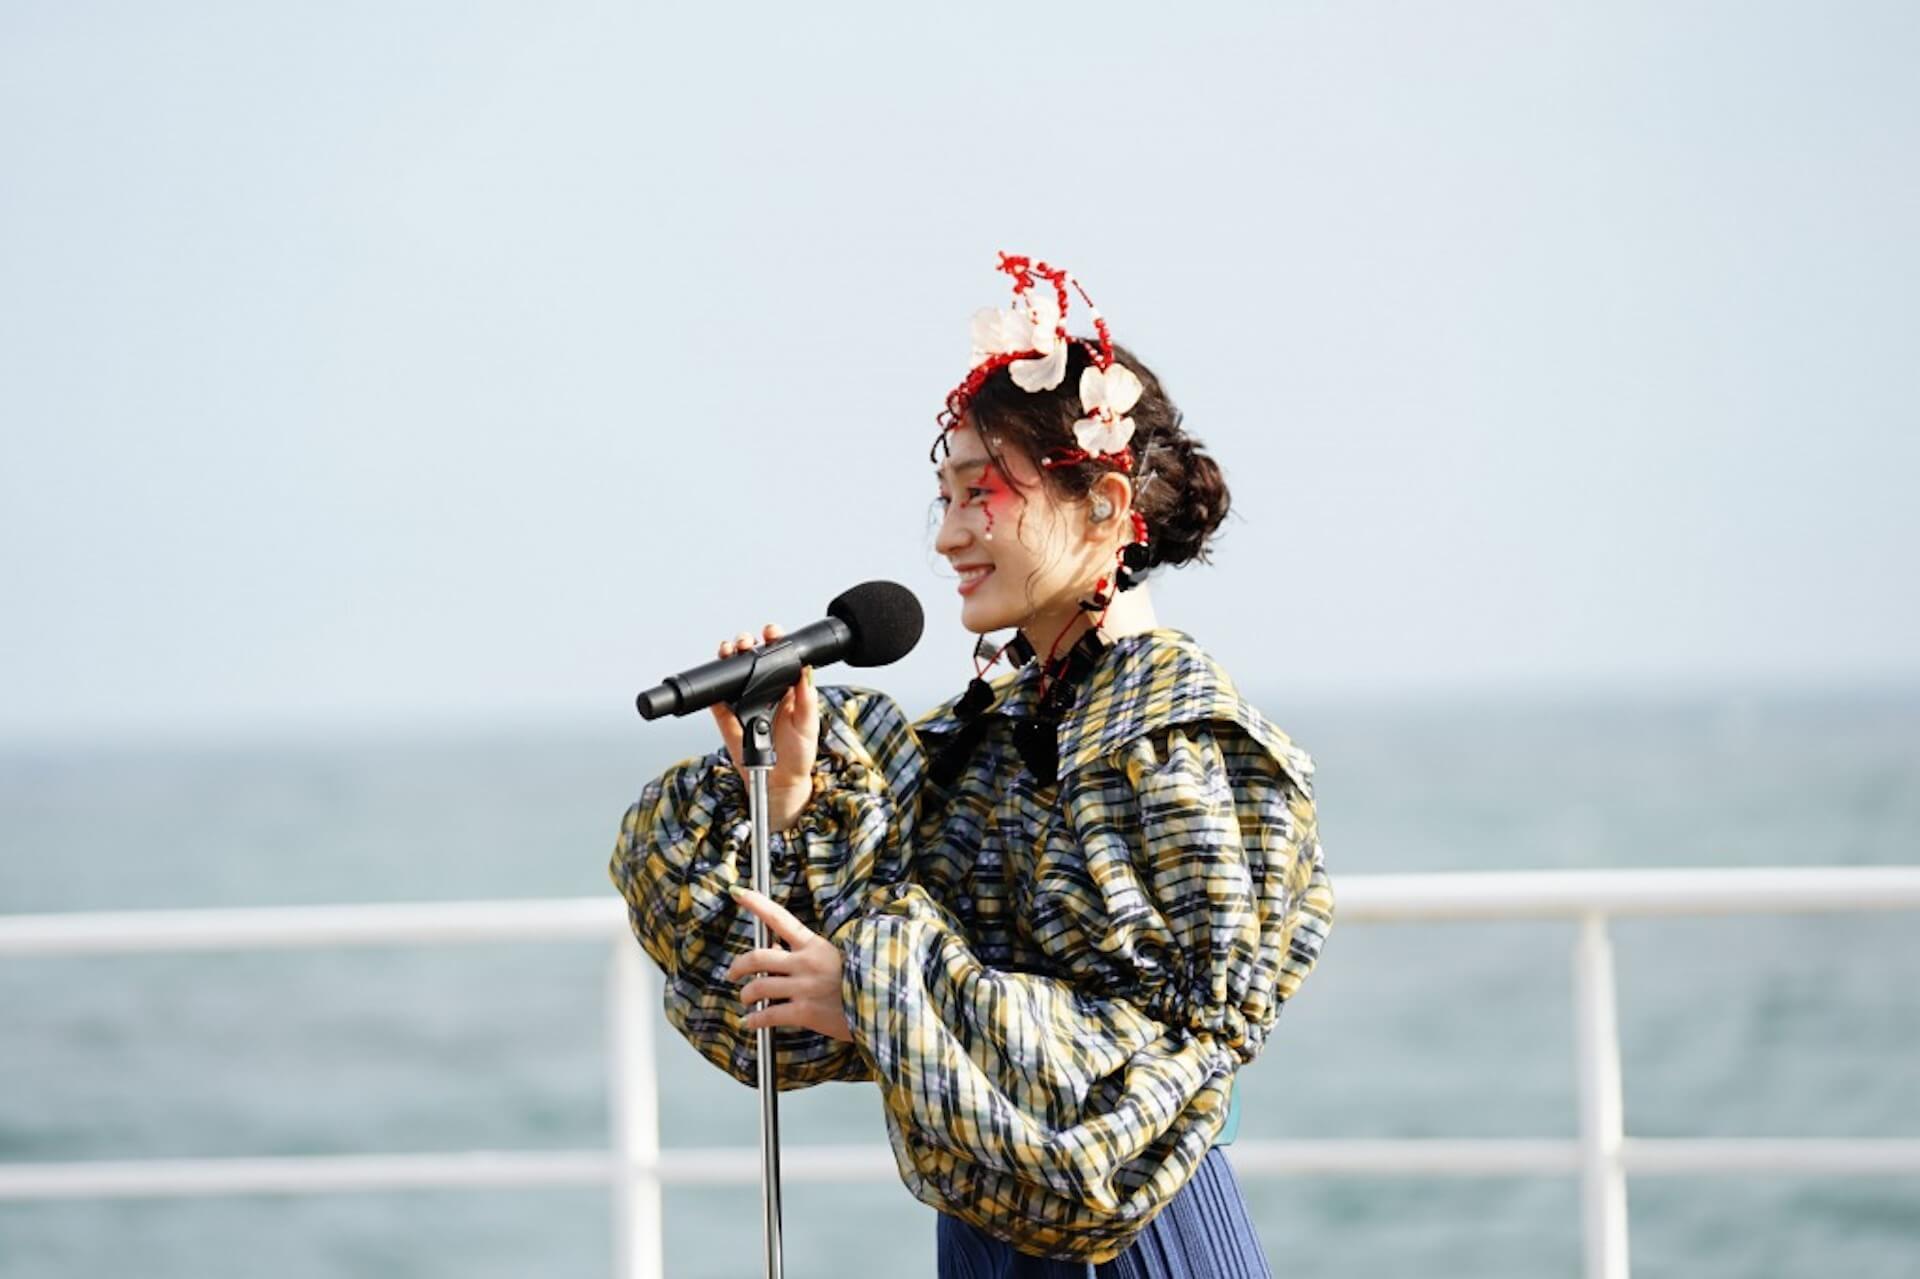 加山雄三『加山雄三の新世界』に参加したPUNPEE、スチャダラパー、ももクロらが出演!ストリーミングライブレポートが到着 music200706_kayamayuzo_5